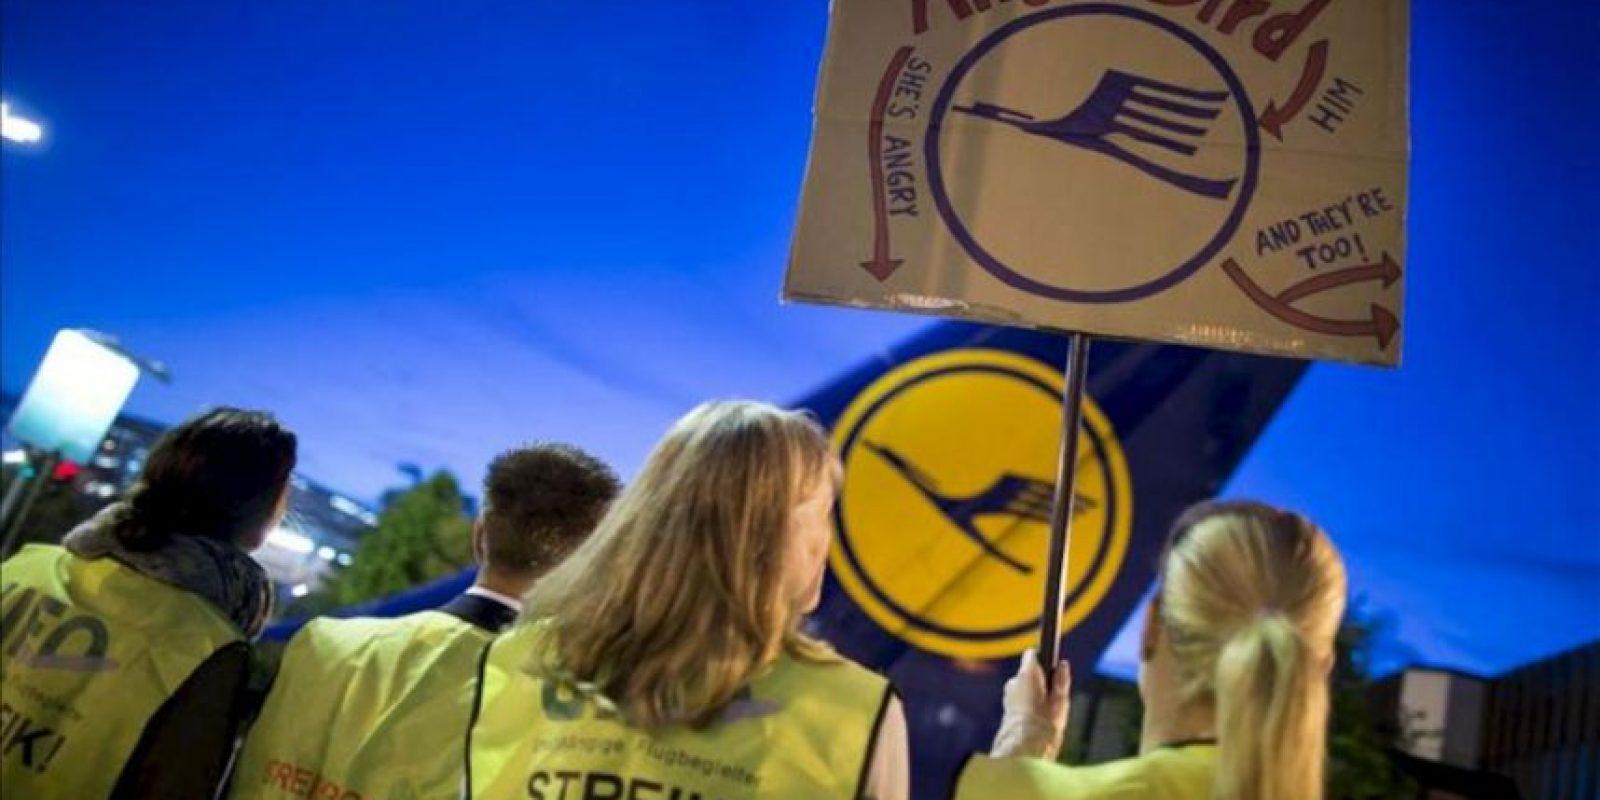 Auxiliares de vuelo protestan a la entrada de la base de Lufthansa hoy en el aeropuerto de Francfort (Alemania). EFE